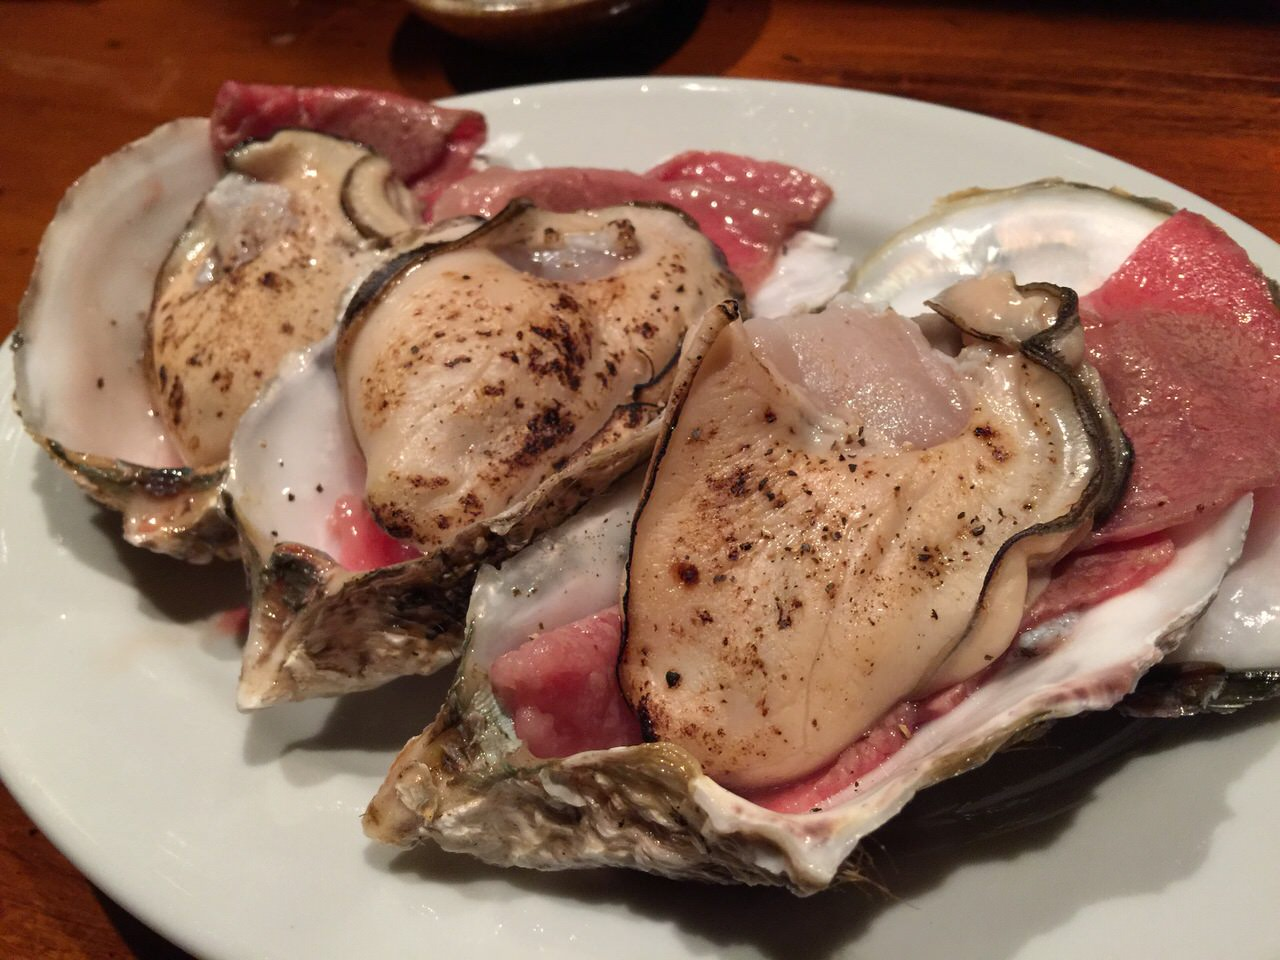 【店名非公開】か、牡蠣と牛肉だと!?牡蠣の肉巻き・きんかんのフリッター・ウニの肉巻きからのカレーで昇天!コスパ最強の渋谷道玄坂の隠れ家